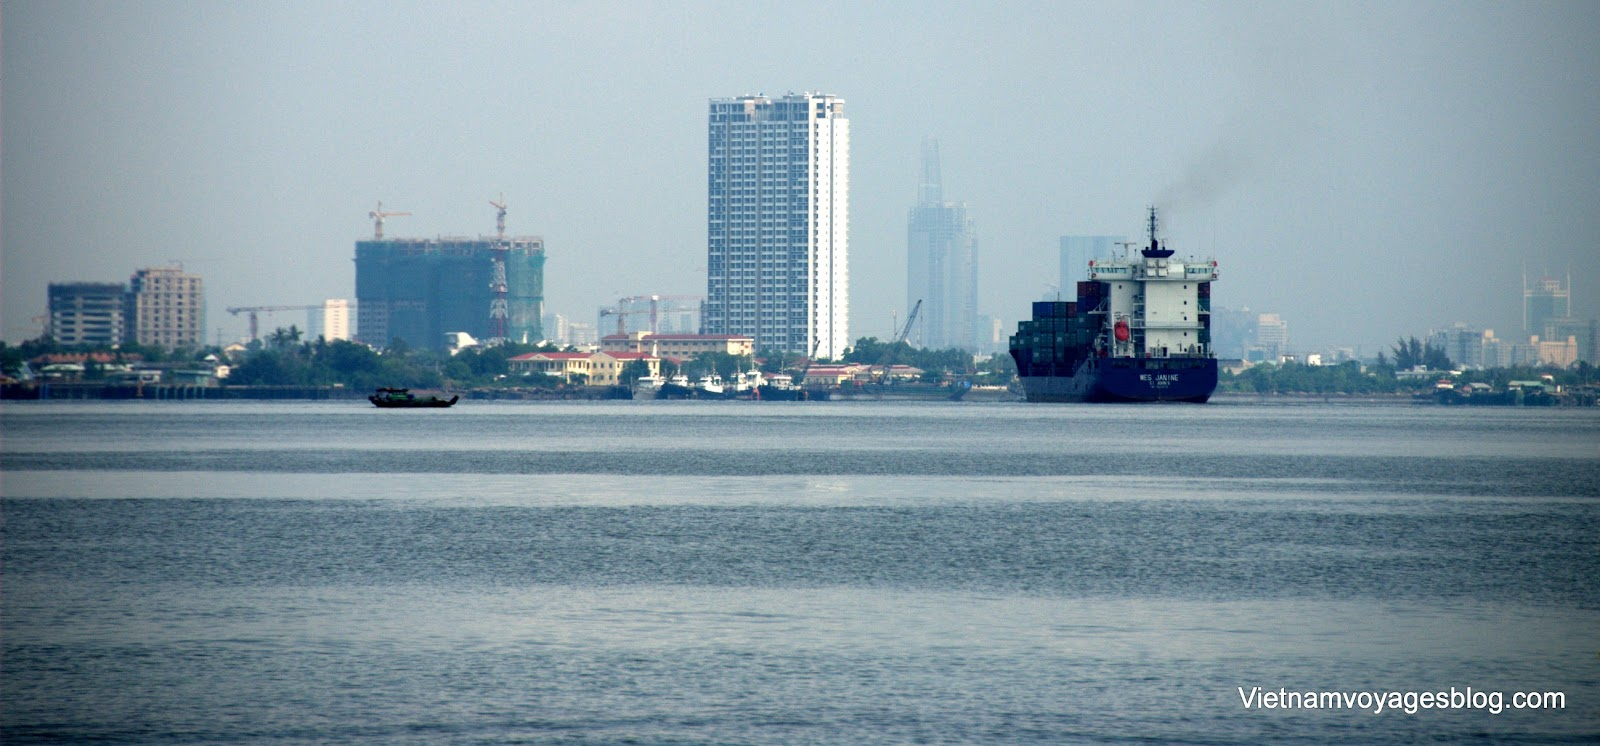 Du lịch biển Cần Giờ ở Thành phố Hồ Chí Minh